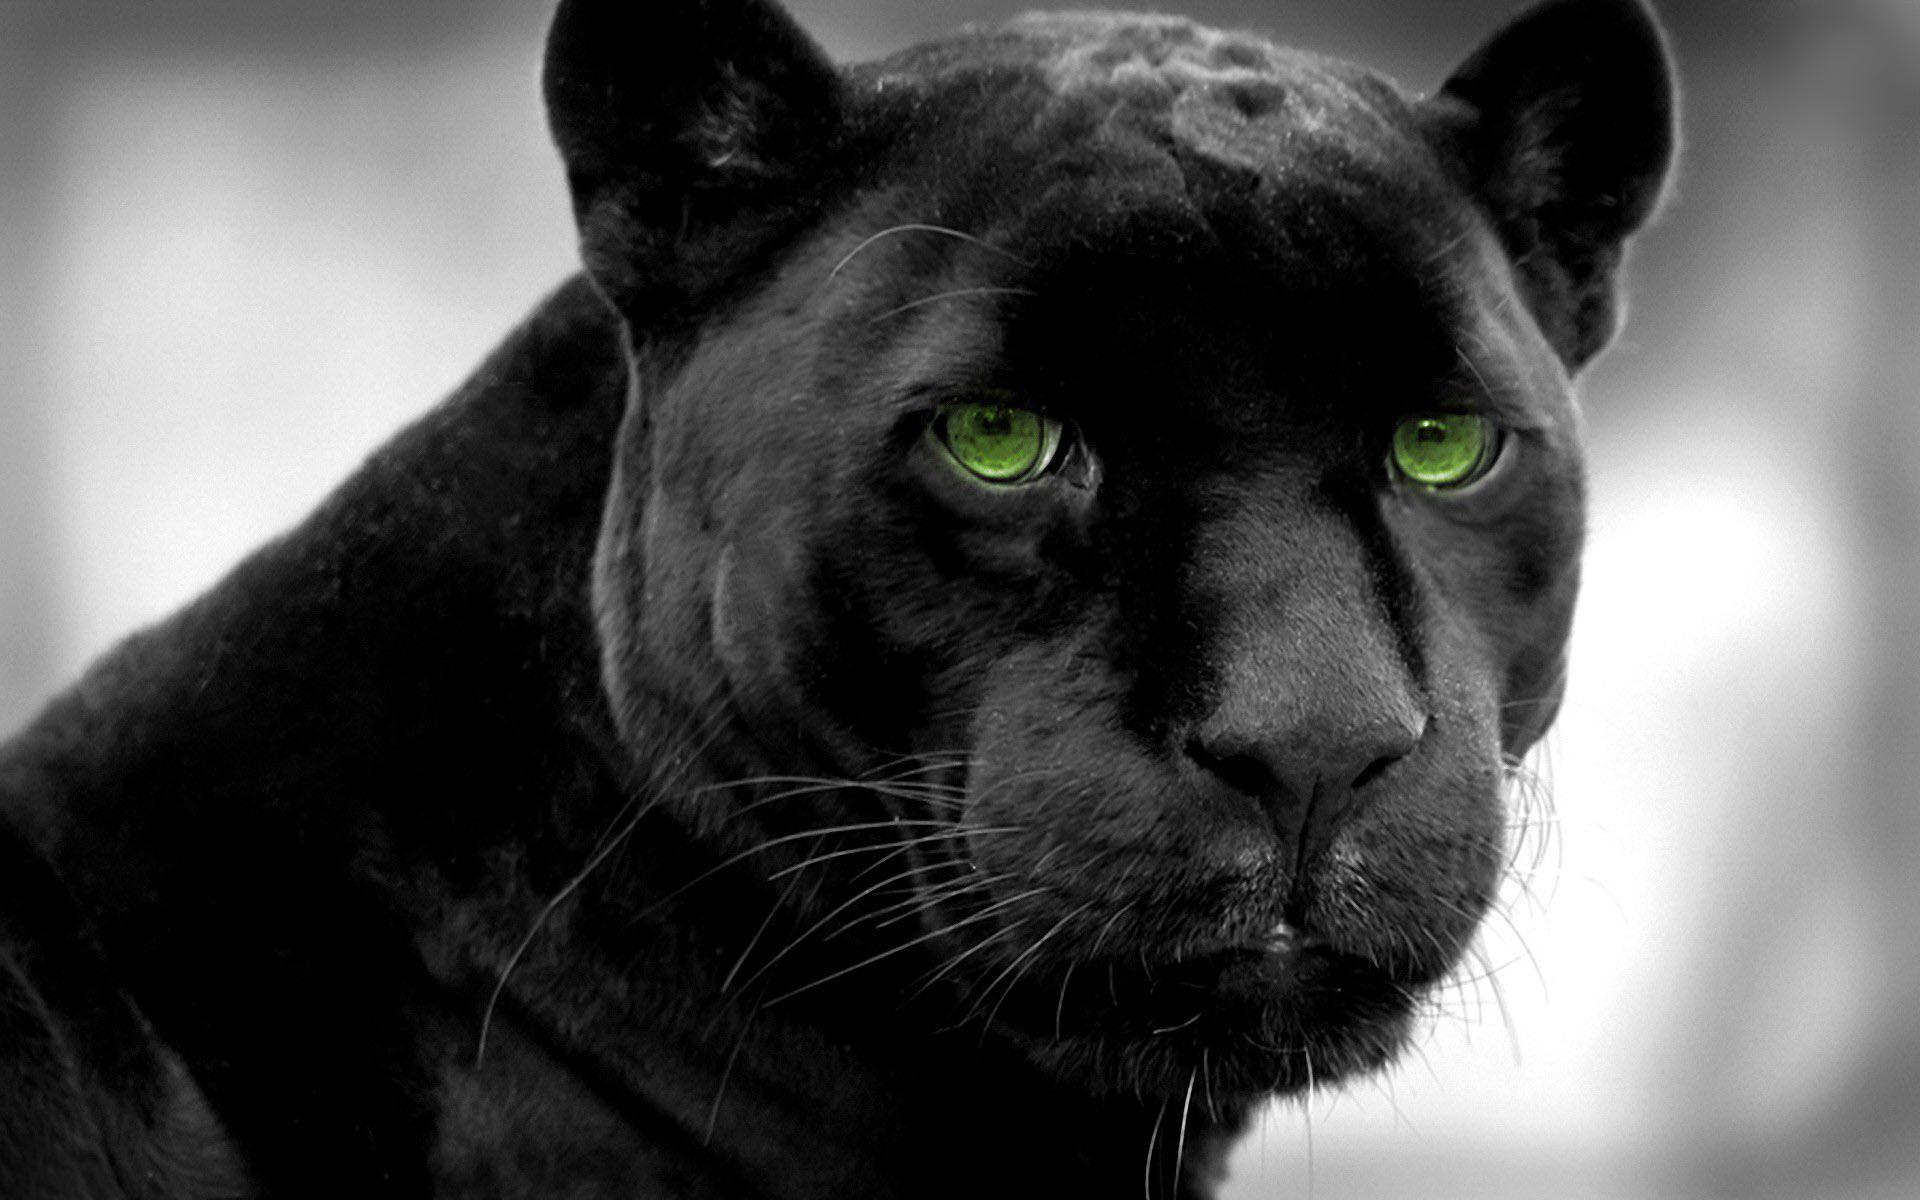 black-panther-wallpaper-3.jpg